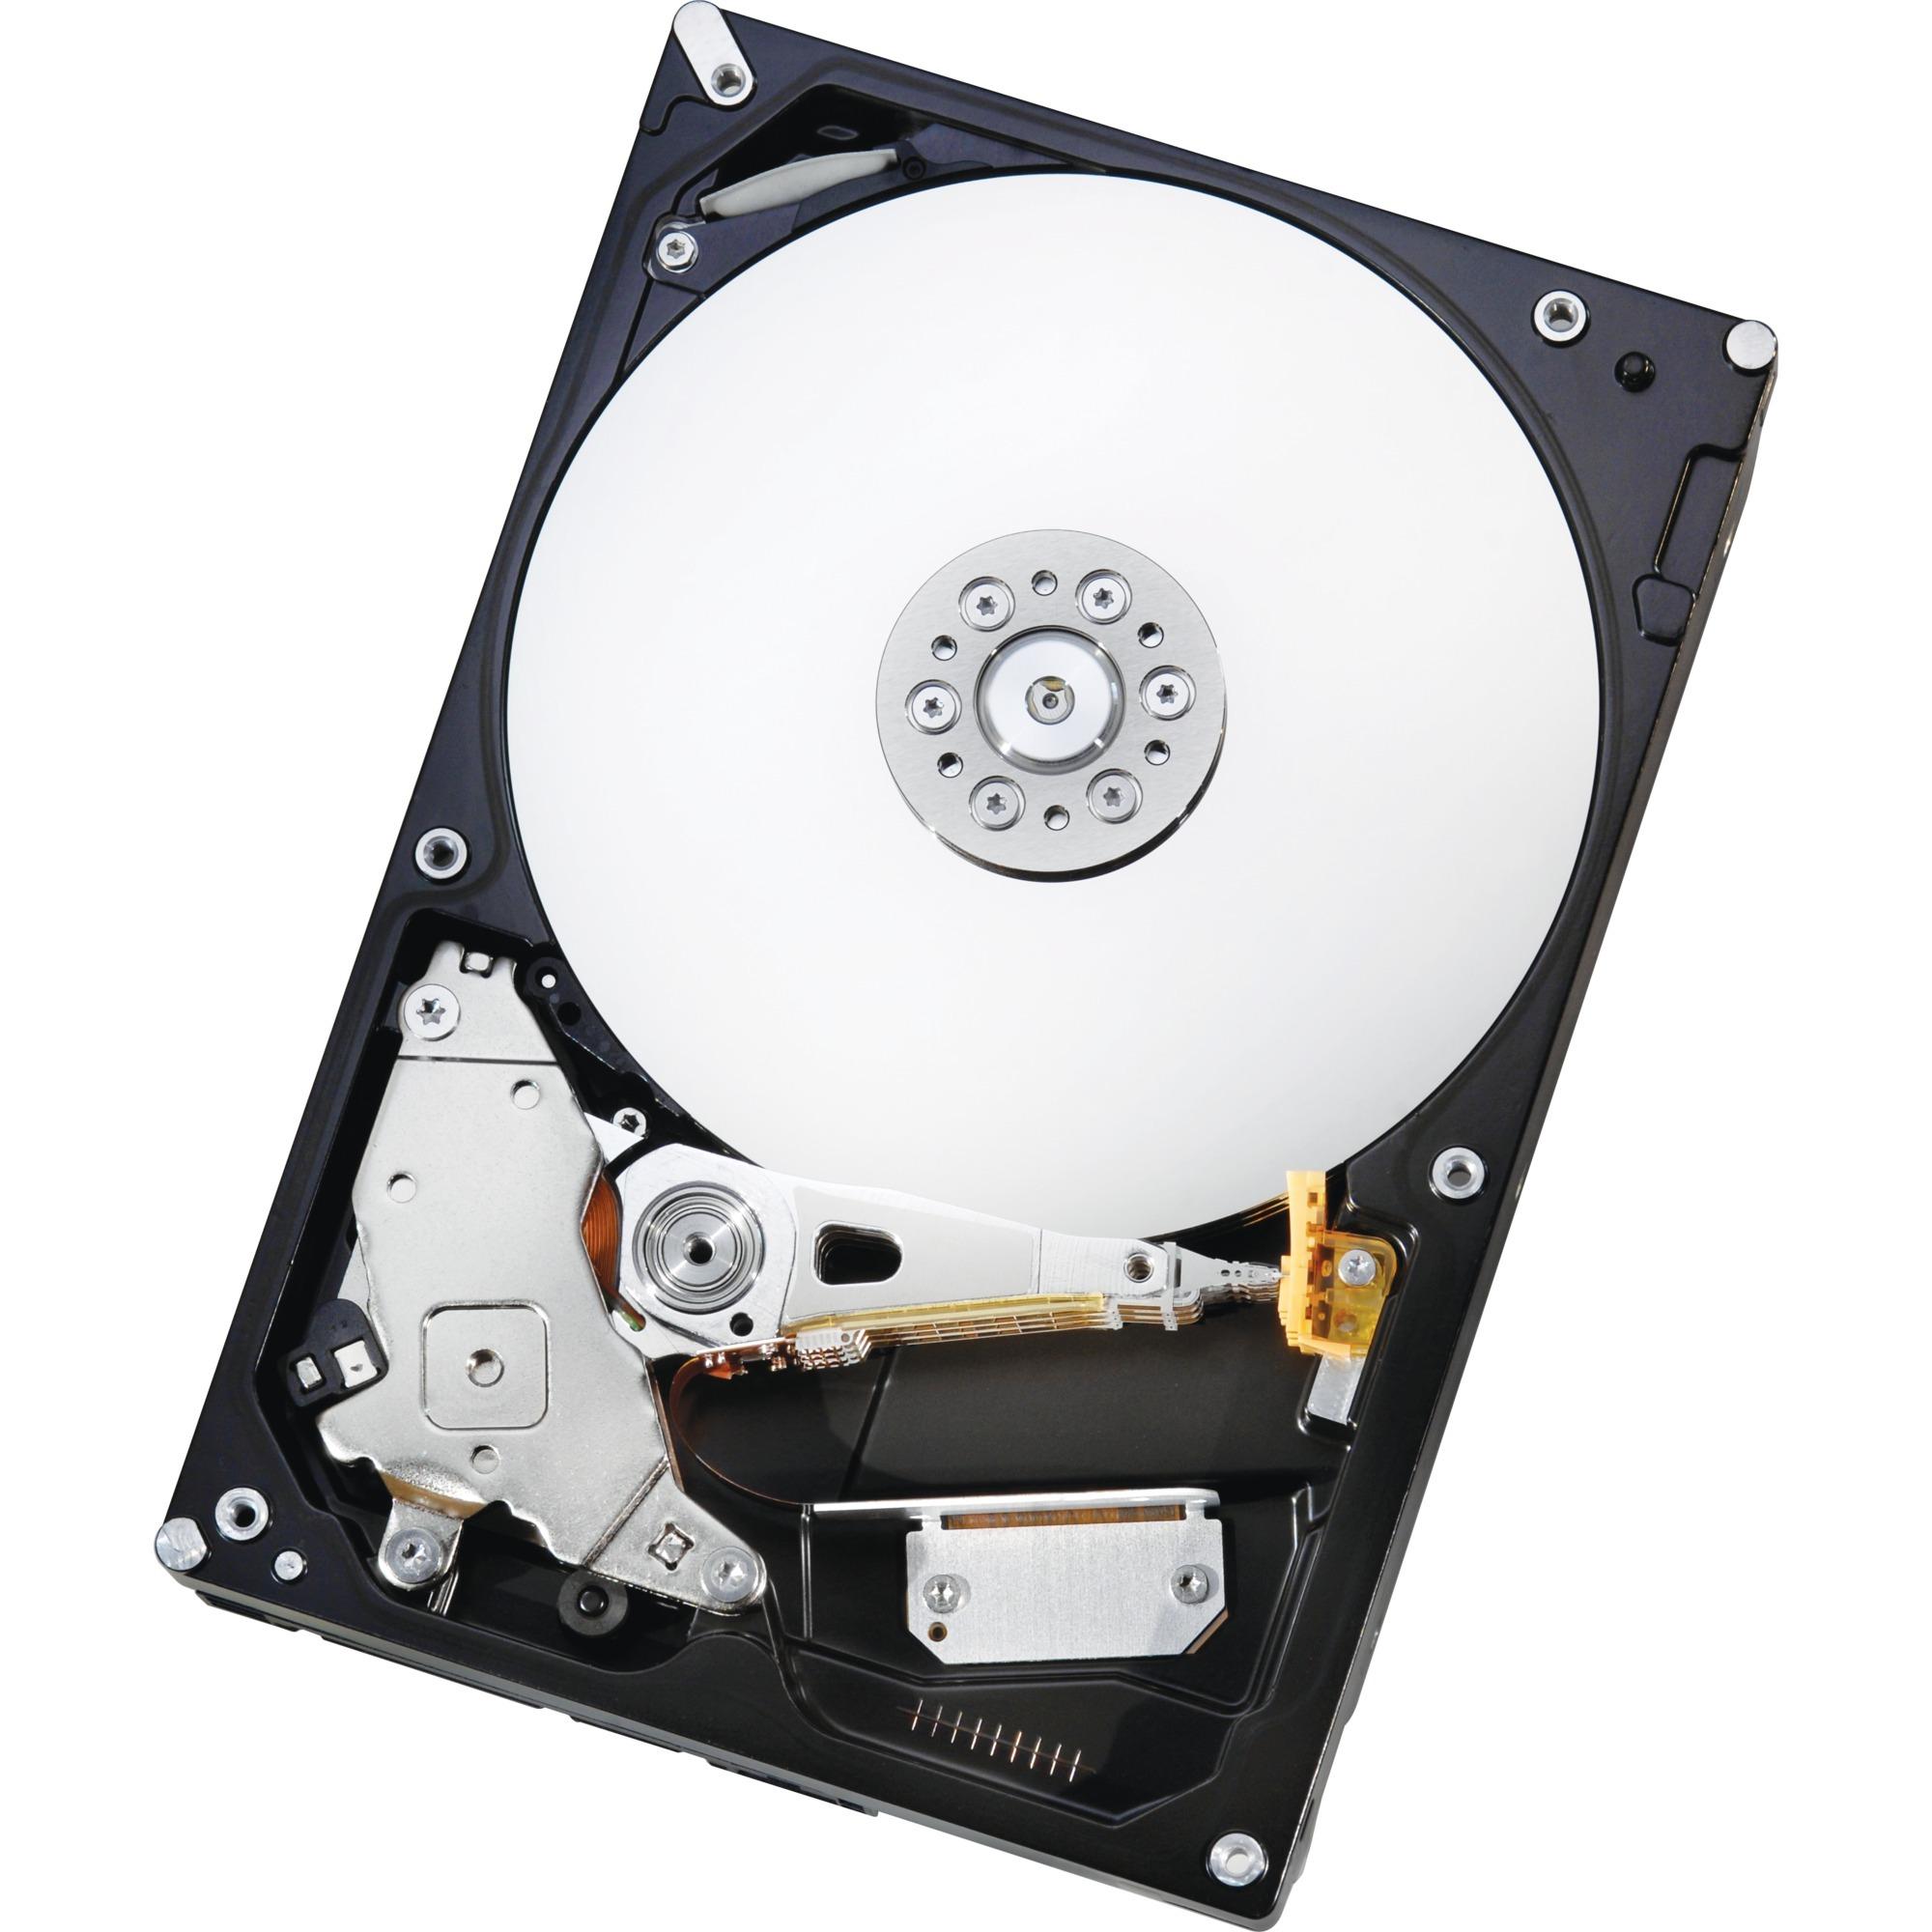 Deskstar NAS 10TB 10000GB Serial ATA III disco duro interno, Unidad de disco duro